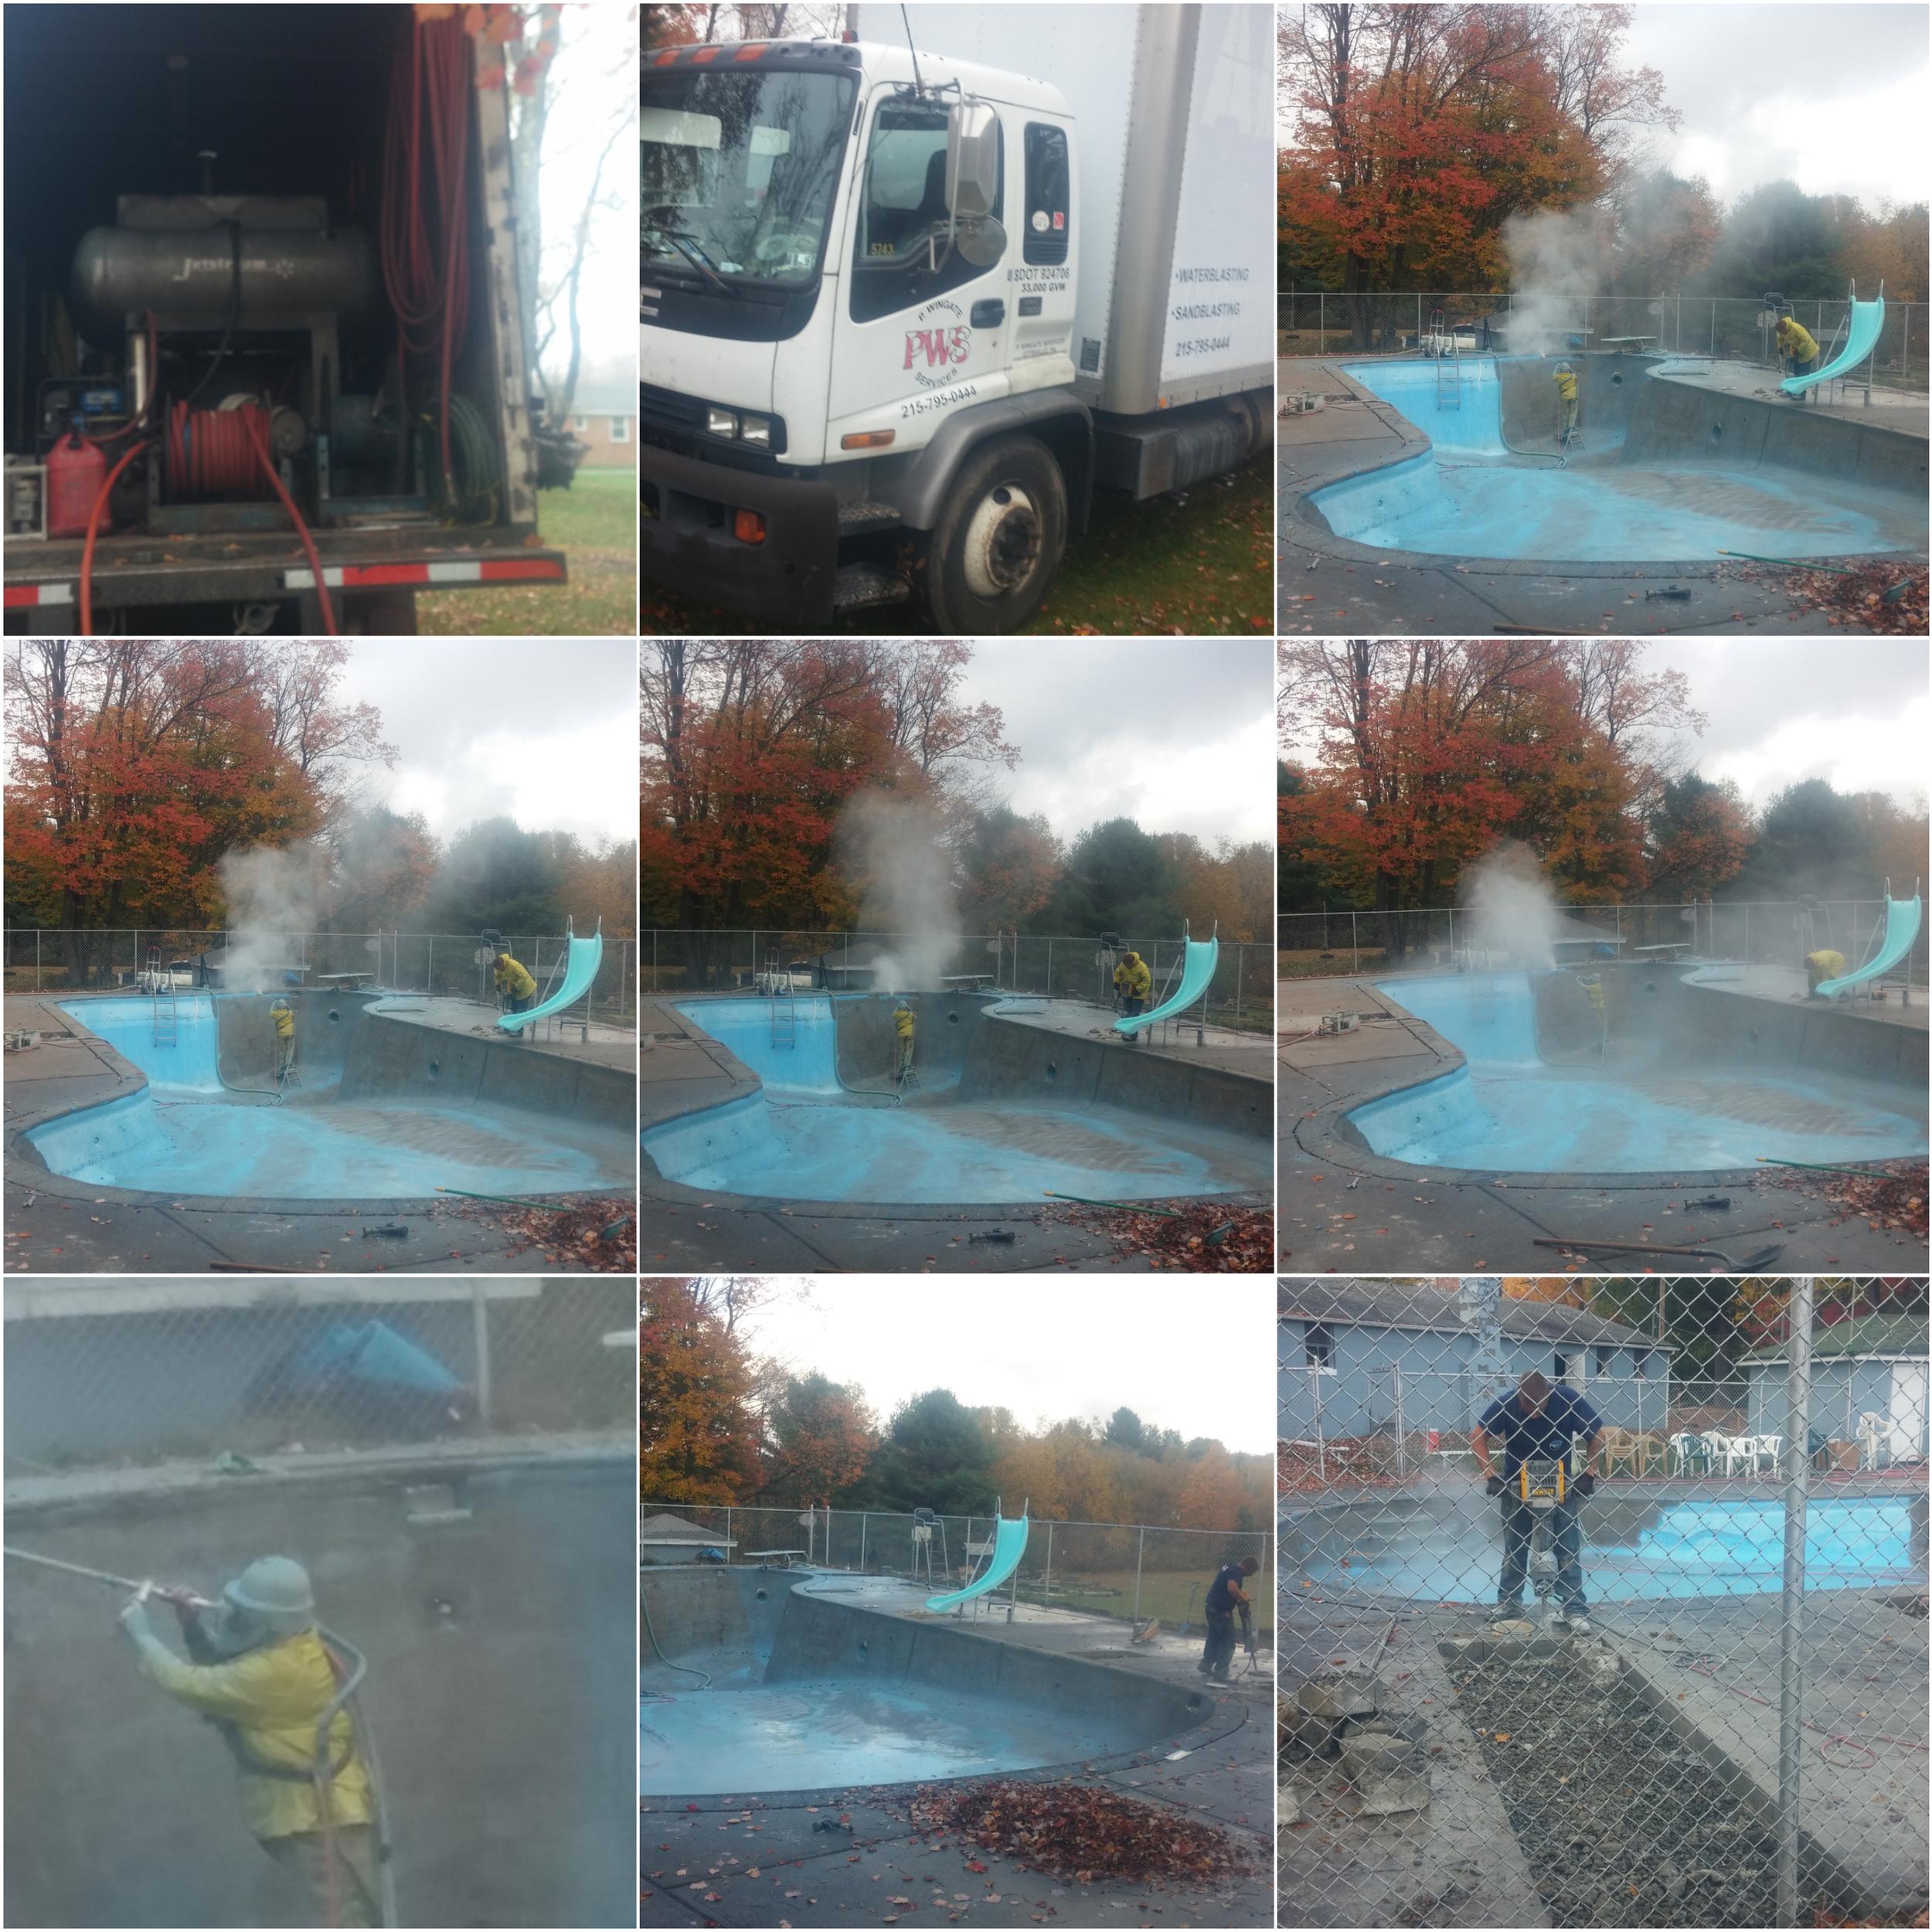 Pool Collage 3.jpg